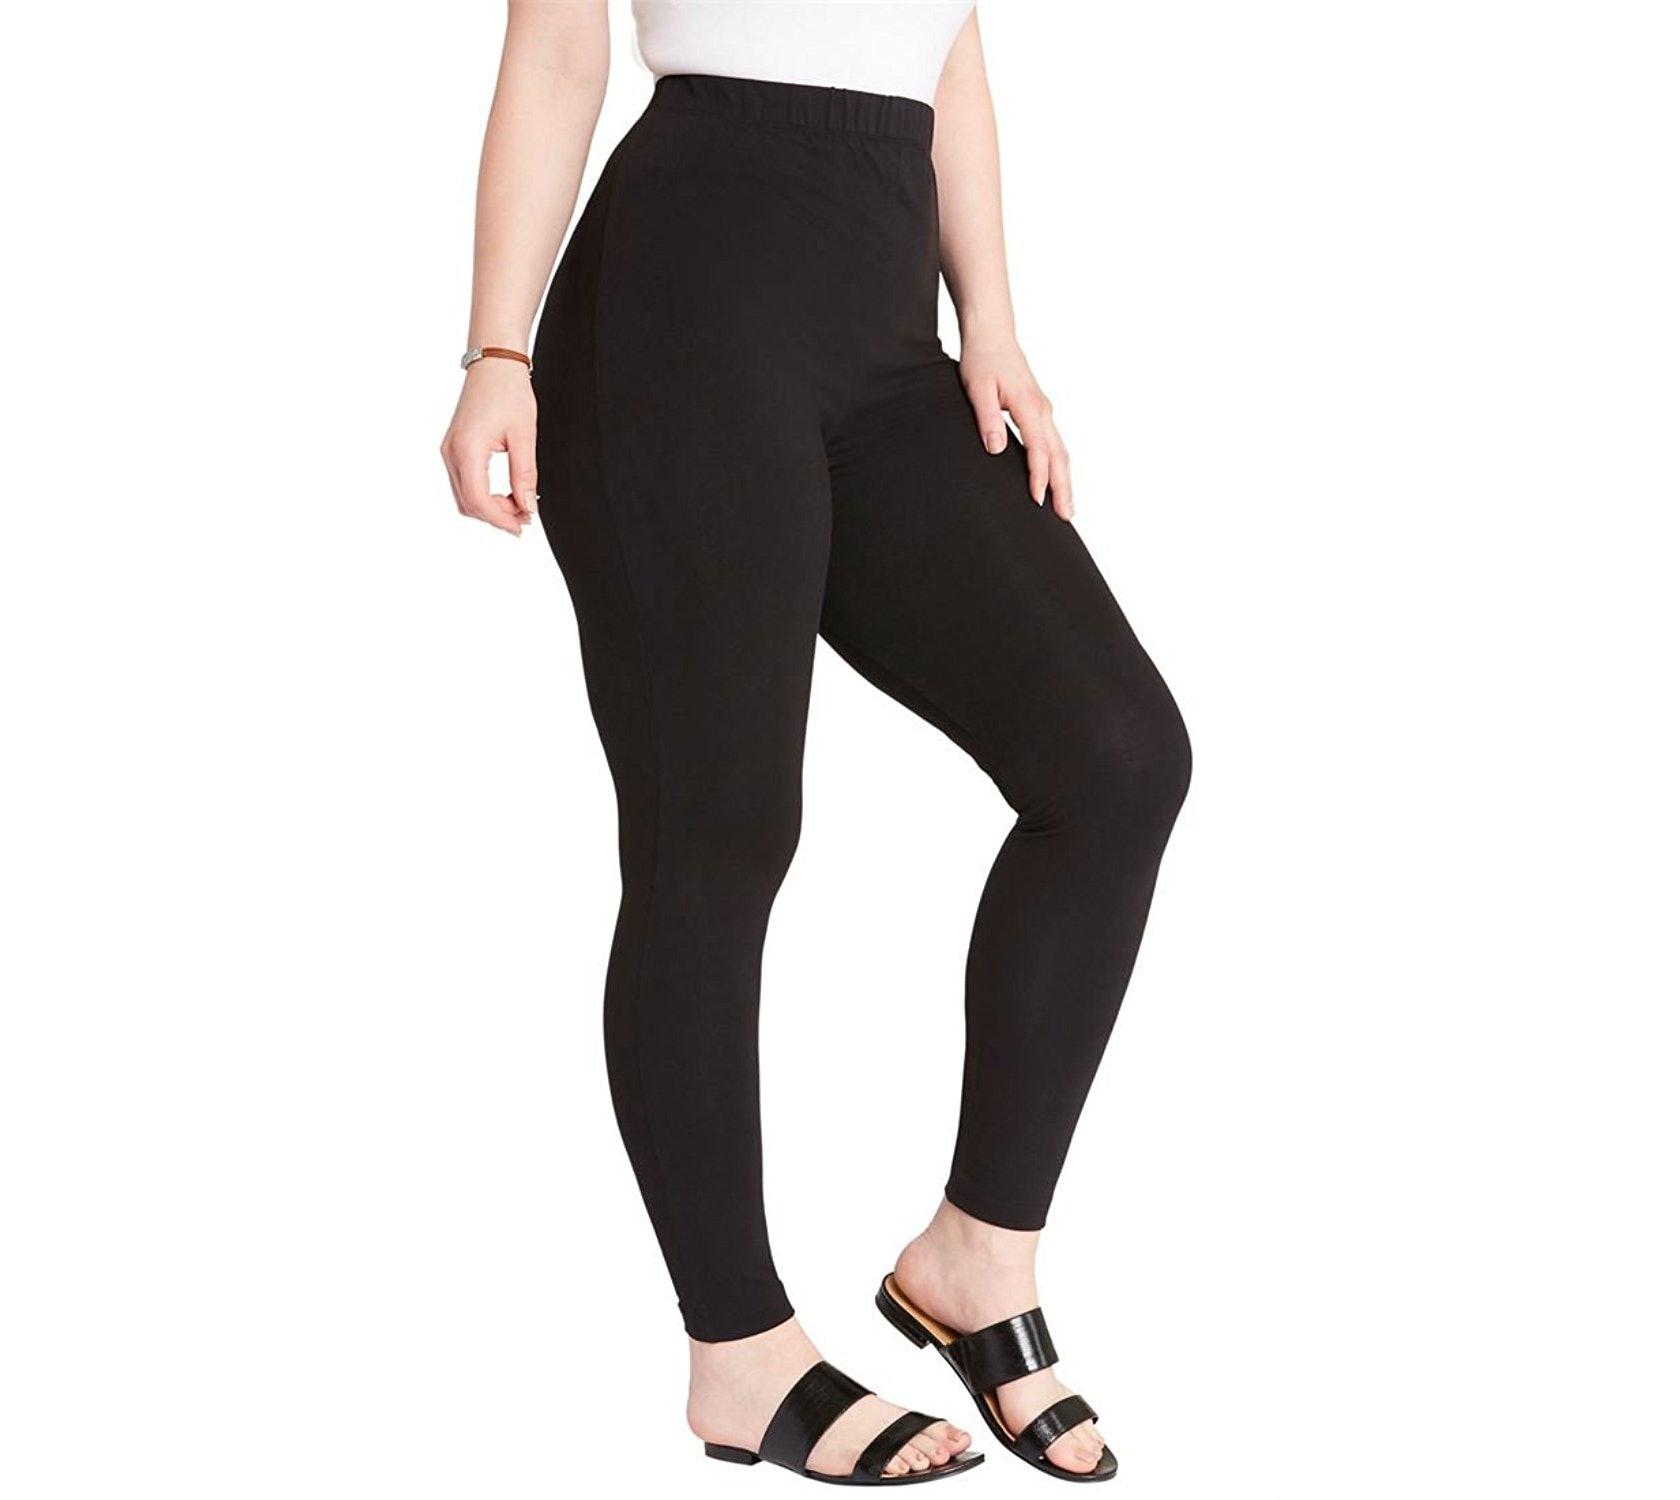 Tall The For Women 6 Best Leggings n08wNOvm